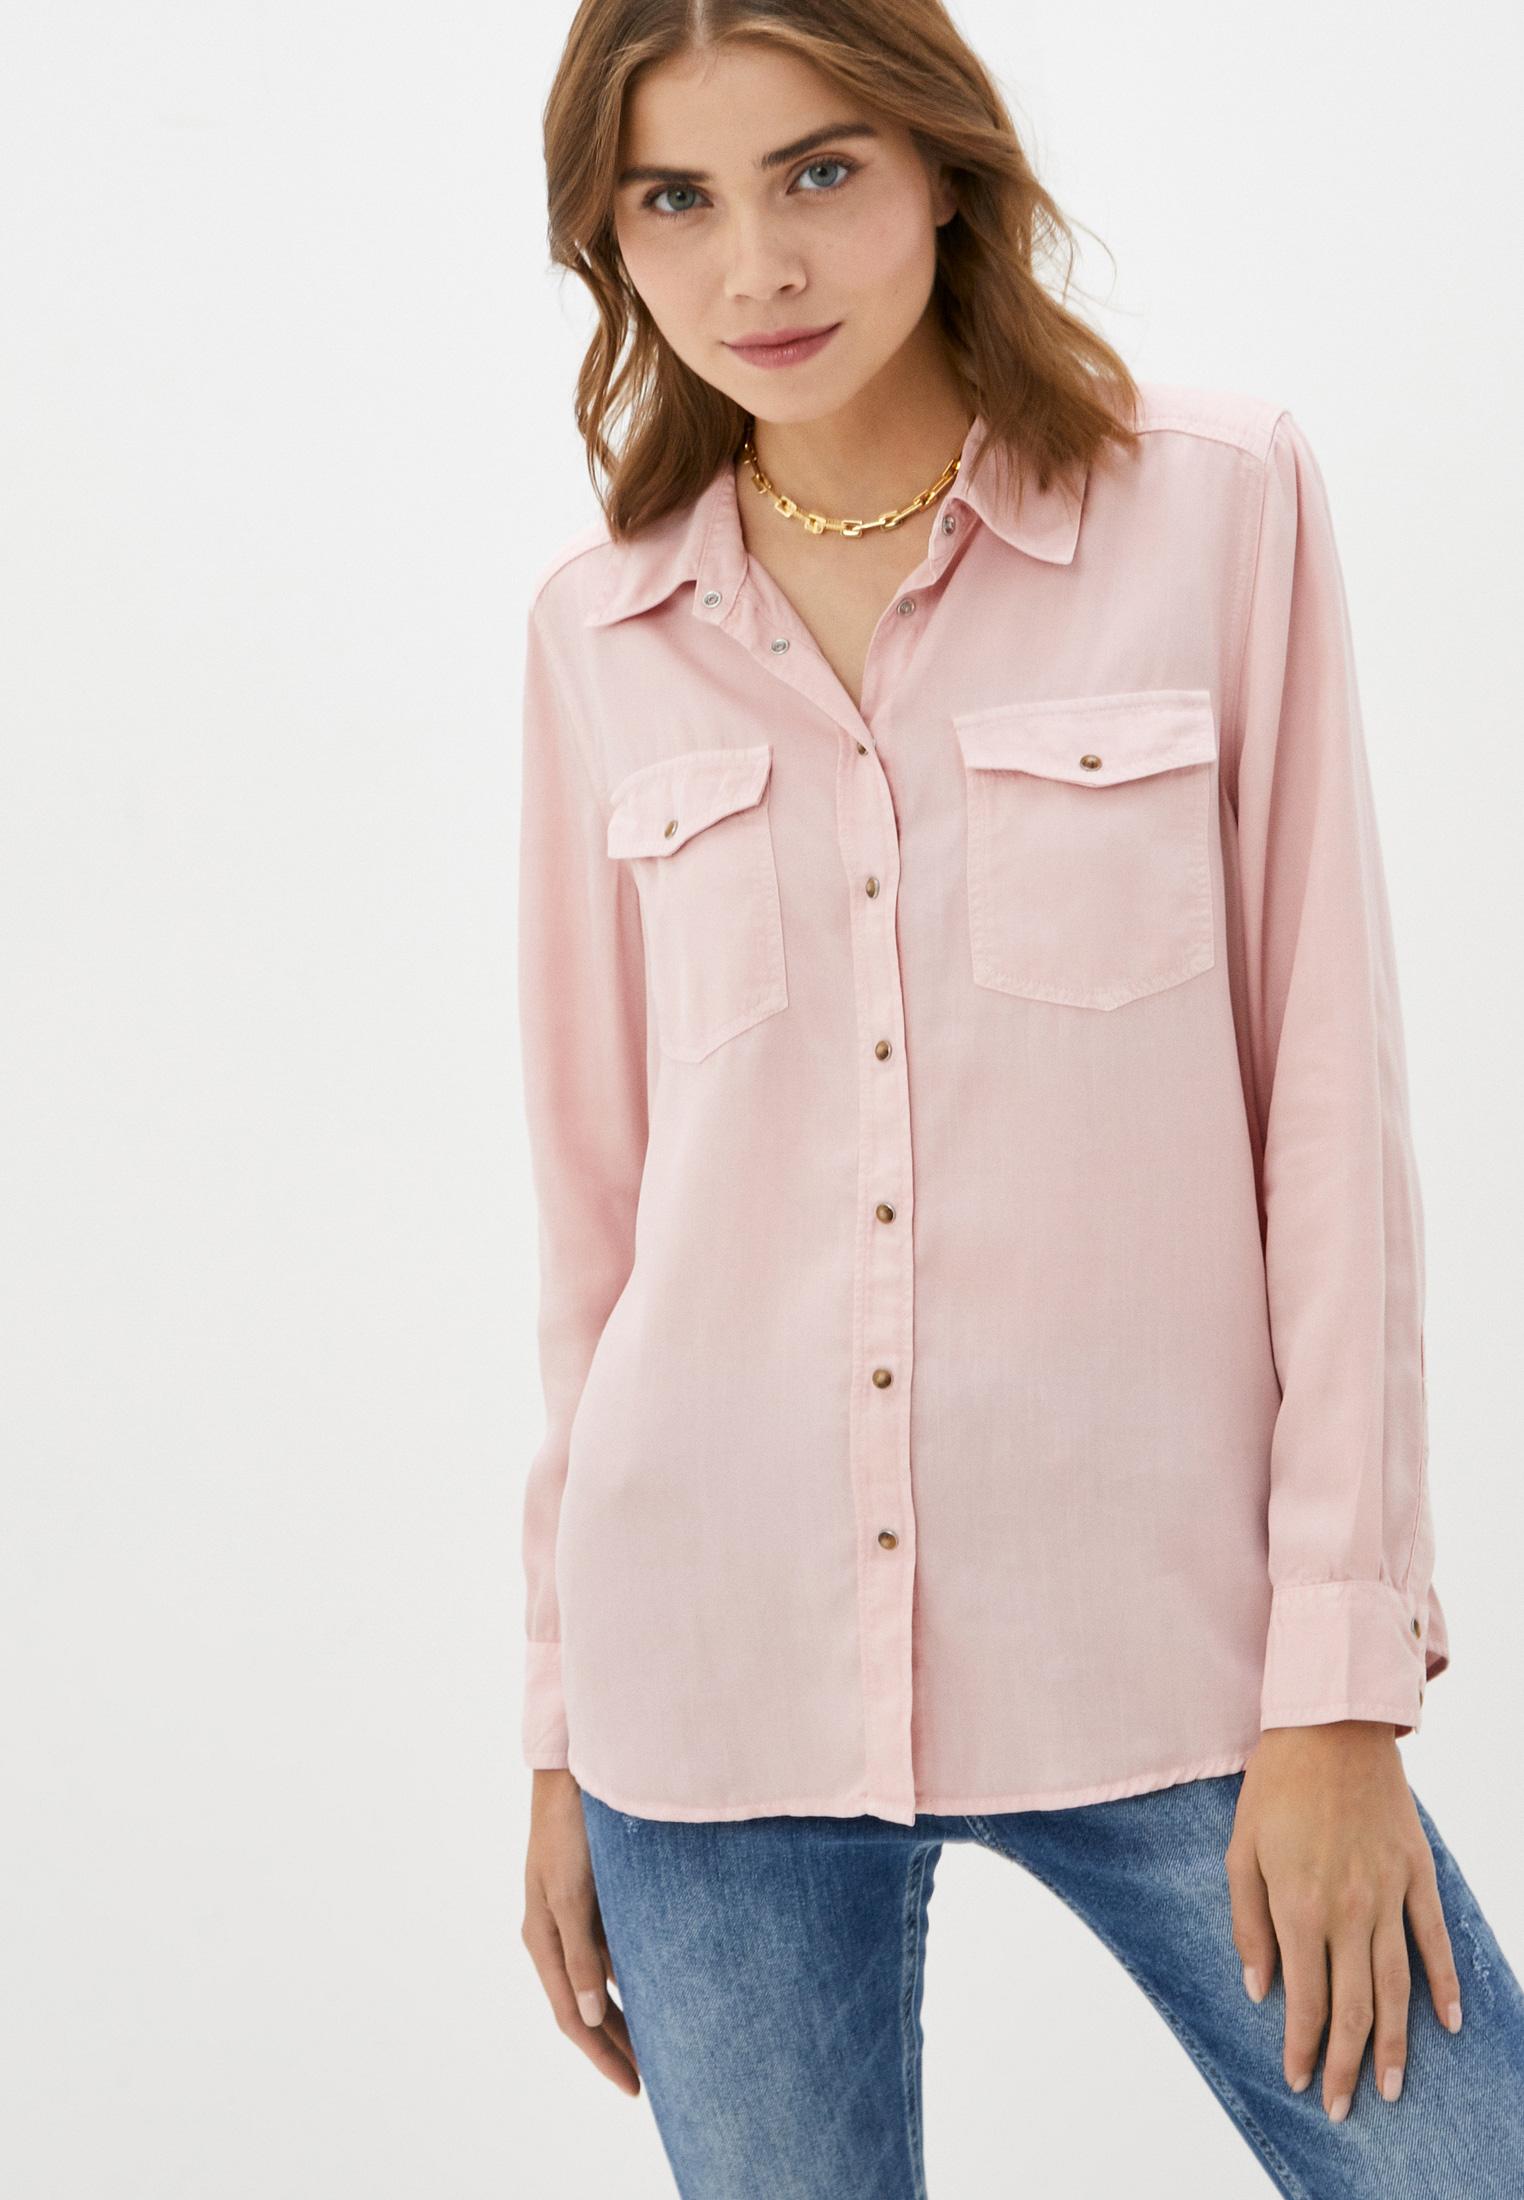 Рубашка Marks & Spencer Рубашка Marks & Spencer